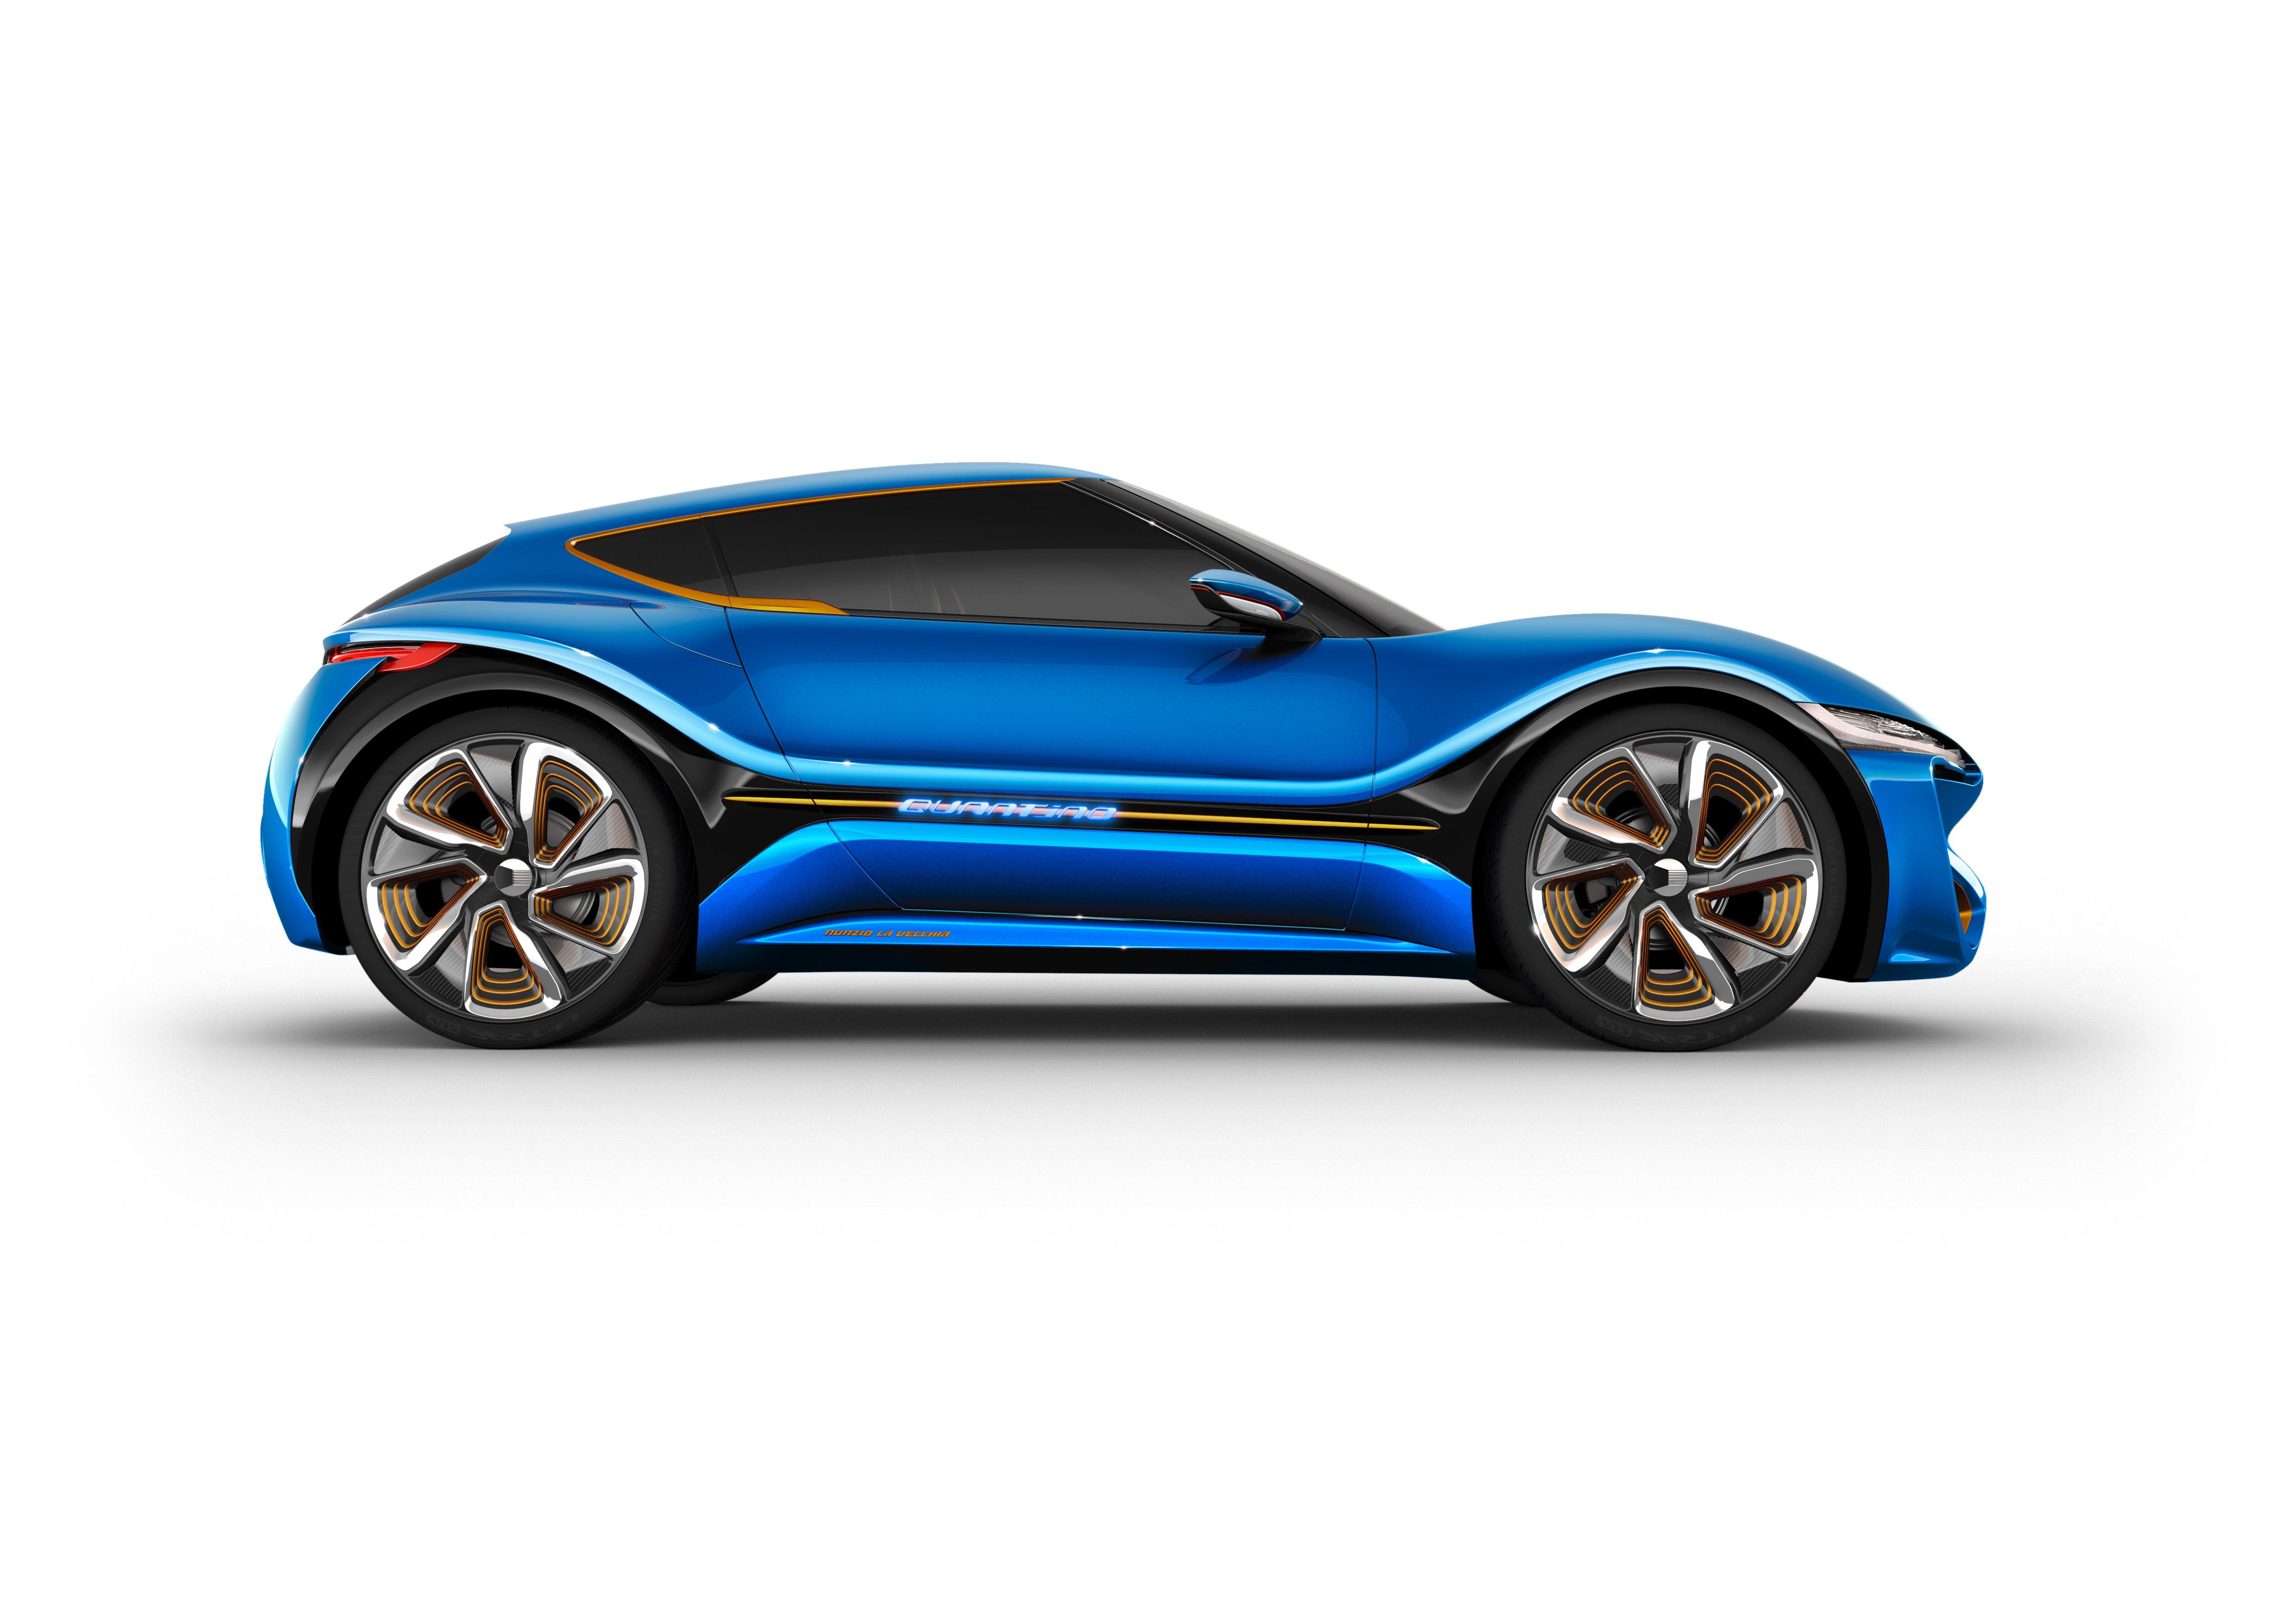 Genfer Auto-Salon 2015: Der neue QUANTiNO